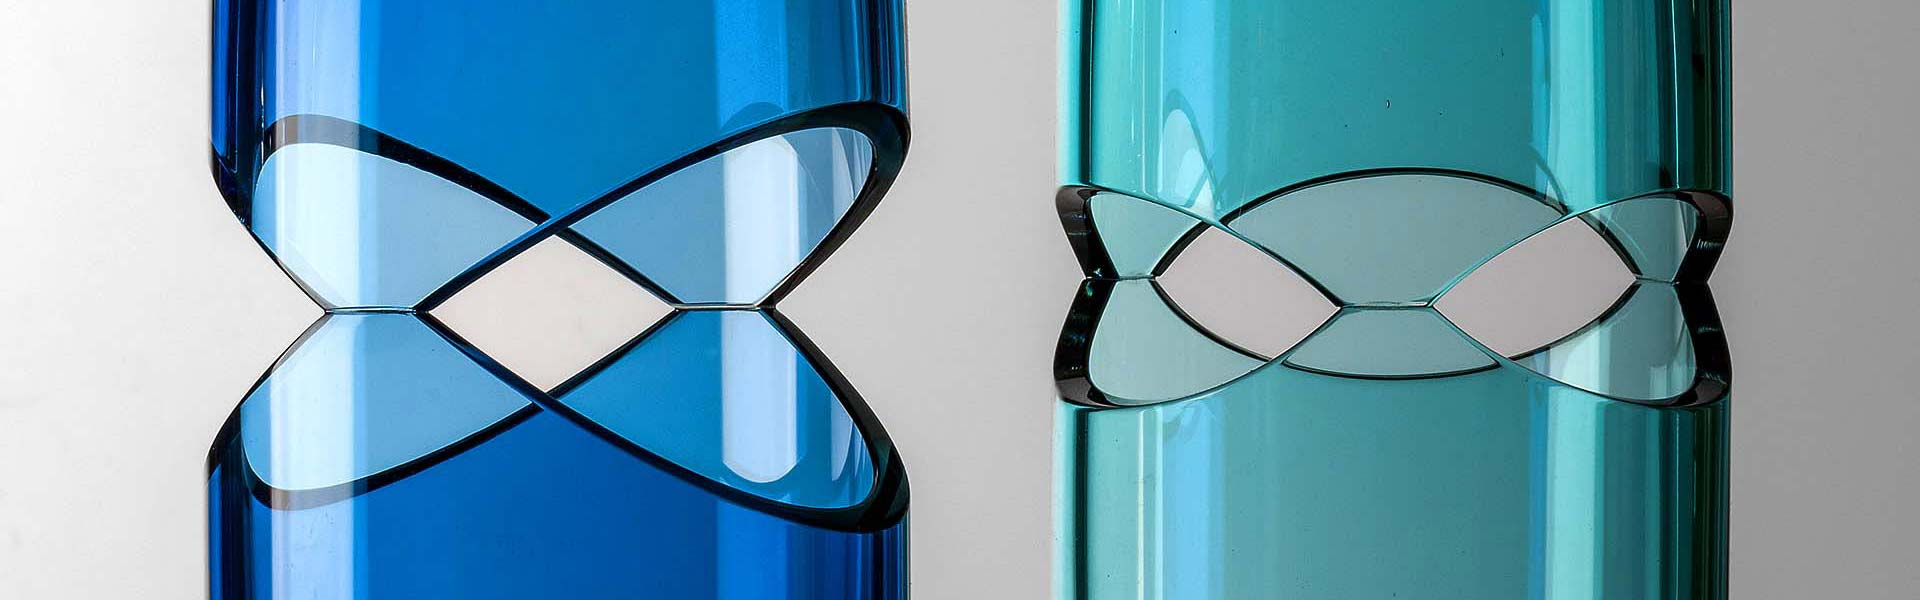 Contemporary Studio Glass